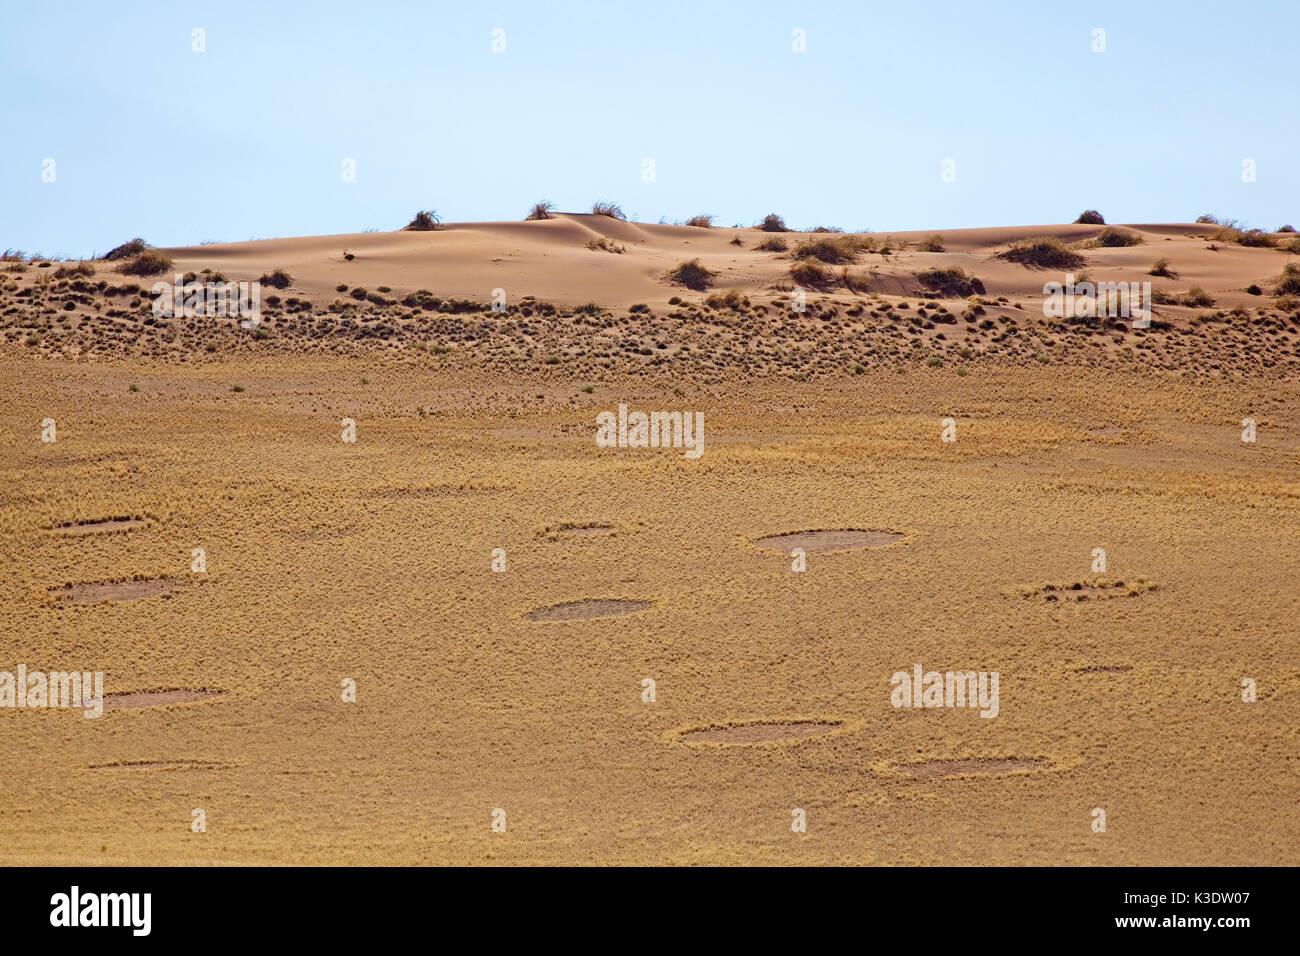 L'Afrique, Afrique australe, la Namibie, Hardab région, Sossusvlei, Namib Naukluft park, cercles de fées, par les termites causes Photo Stock